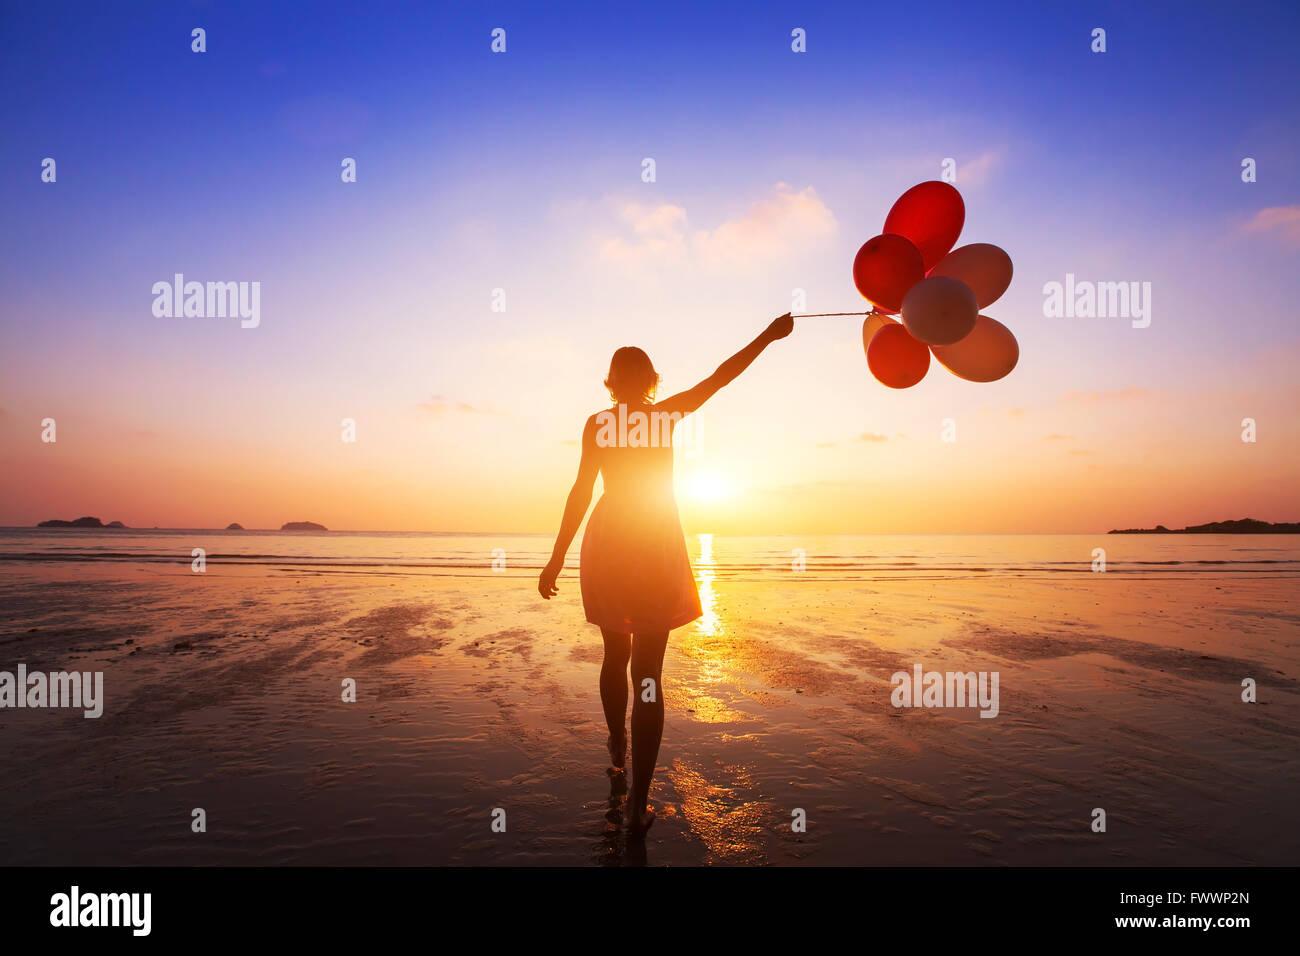 El concepto de la felicidad, las emociones positivas, feliz chica con globos multicolores, disfrutando al atardecer Imagen De Stock